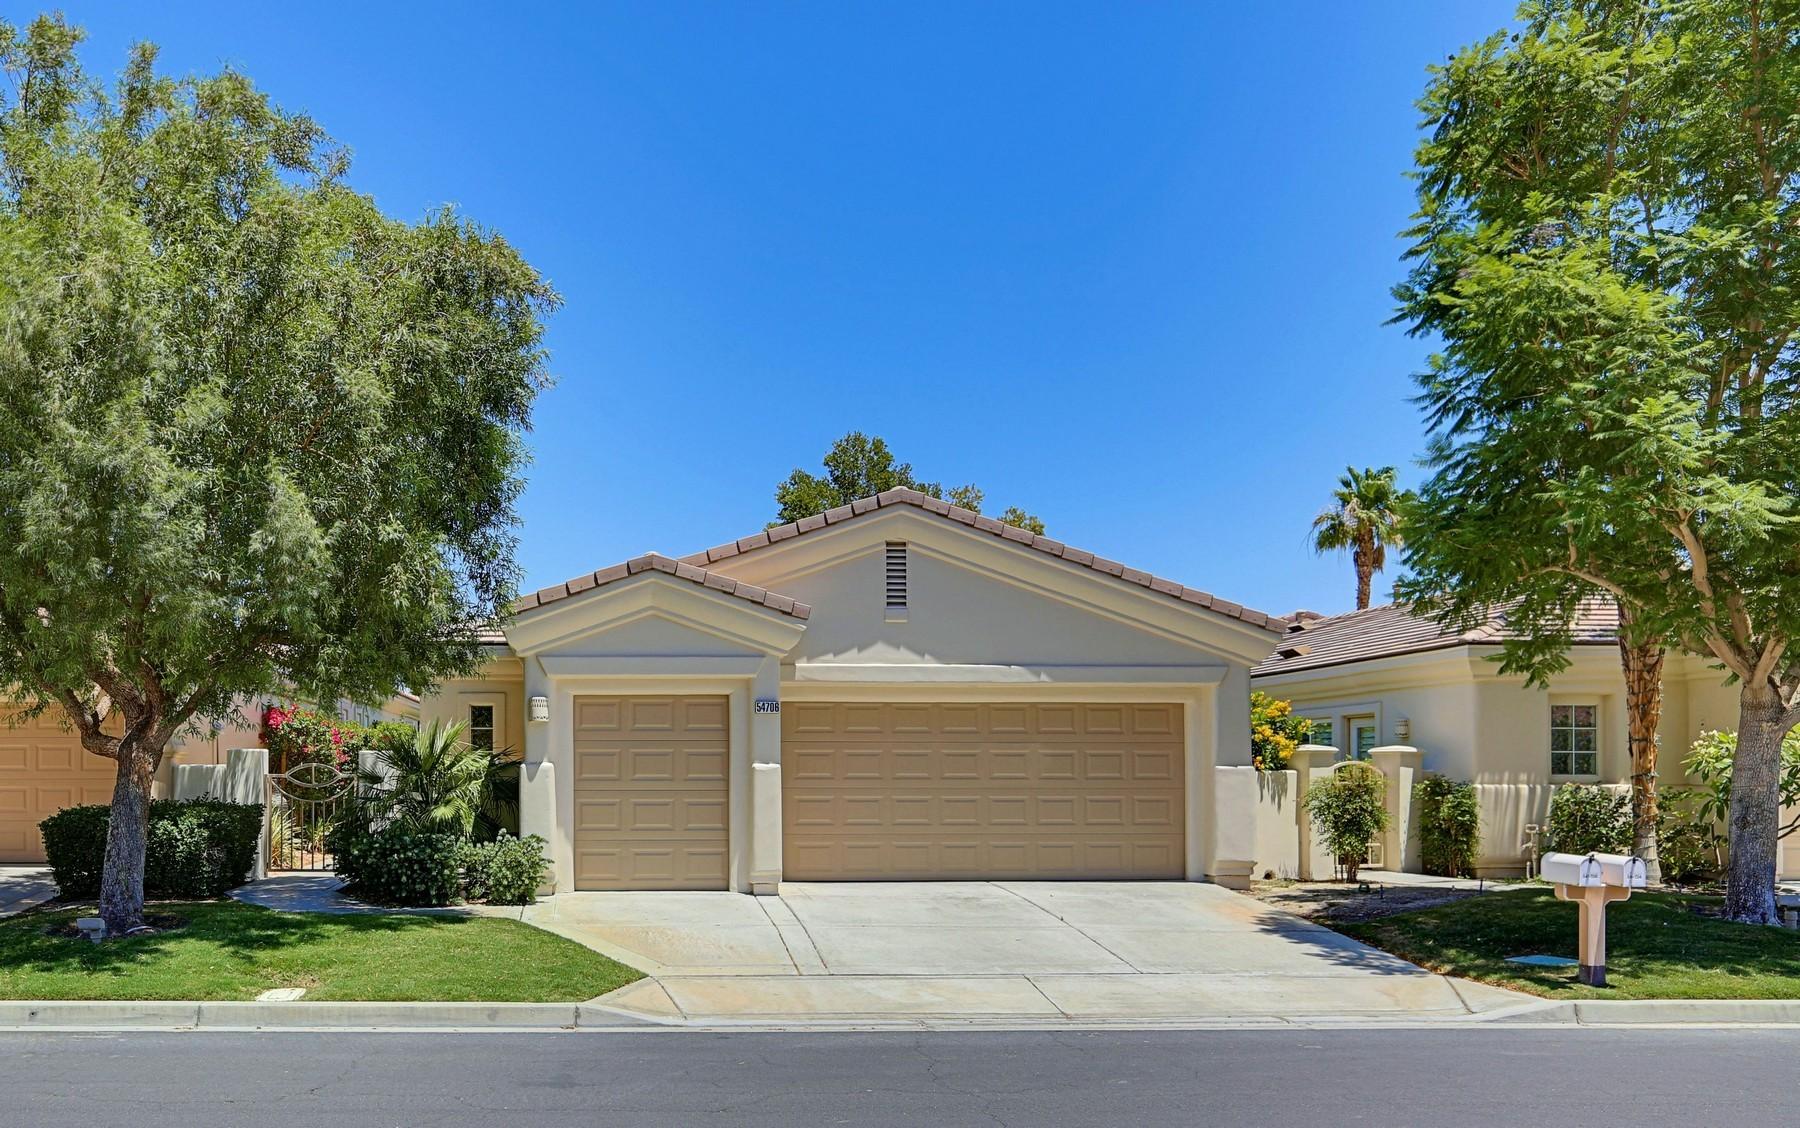 Villa per Vendita alle ore 54706 Tanglewood La Quinta, California, 92253 Stati Uniti